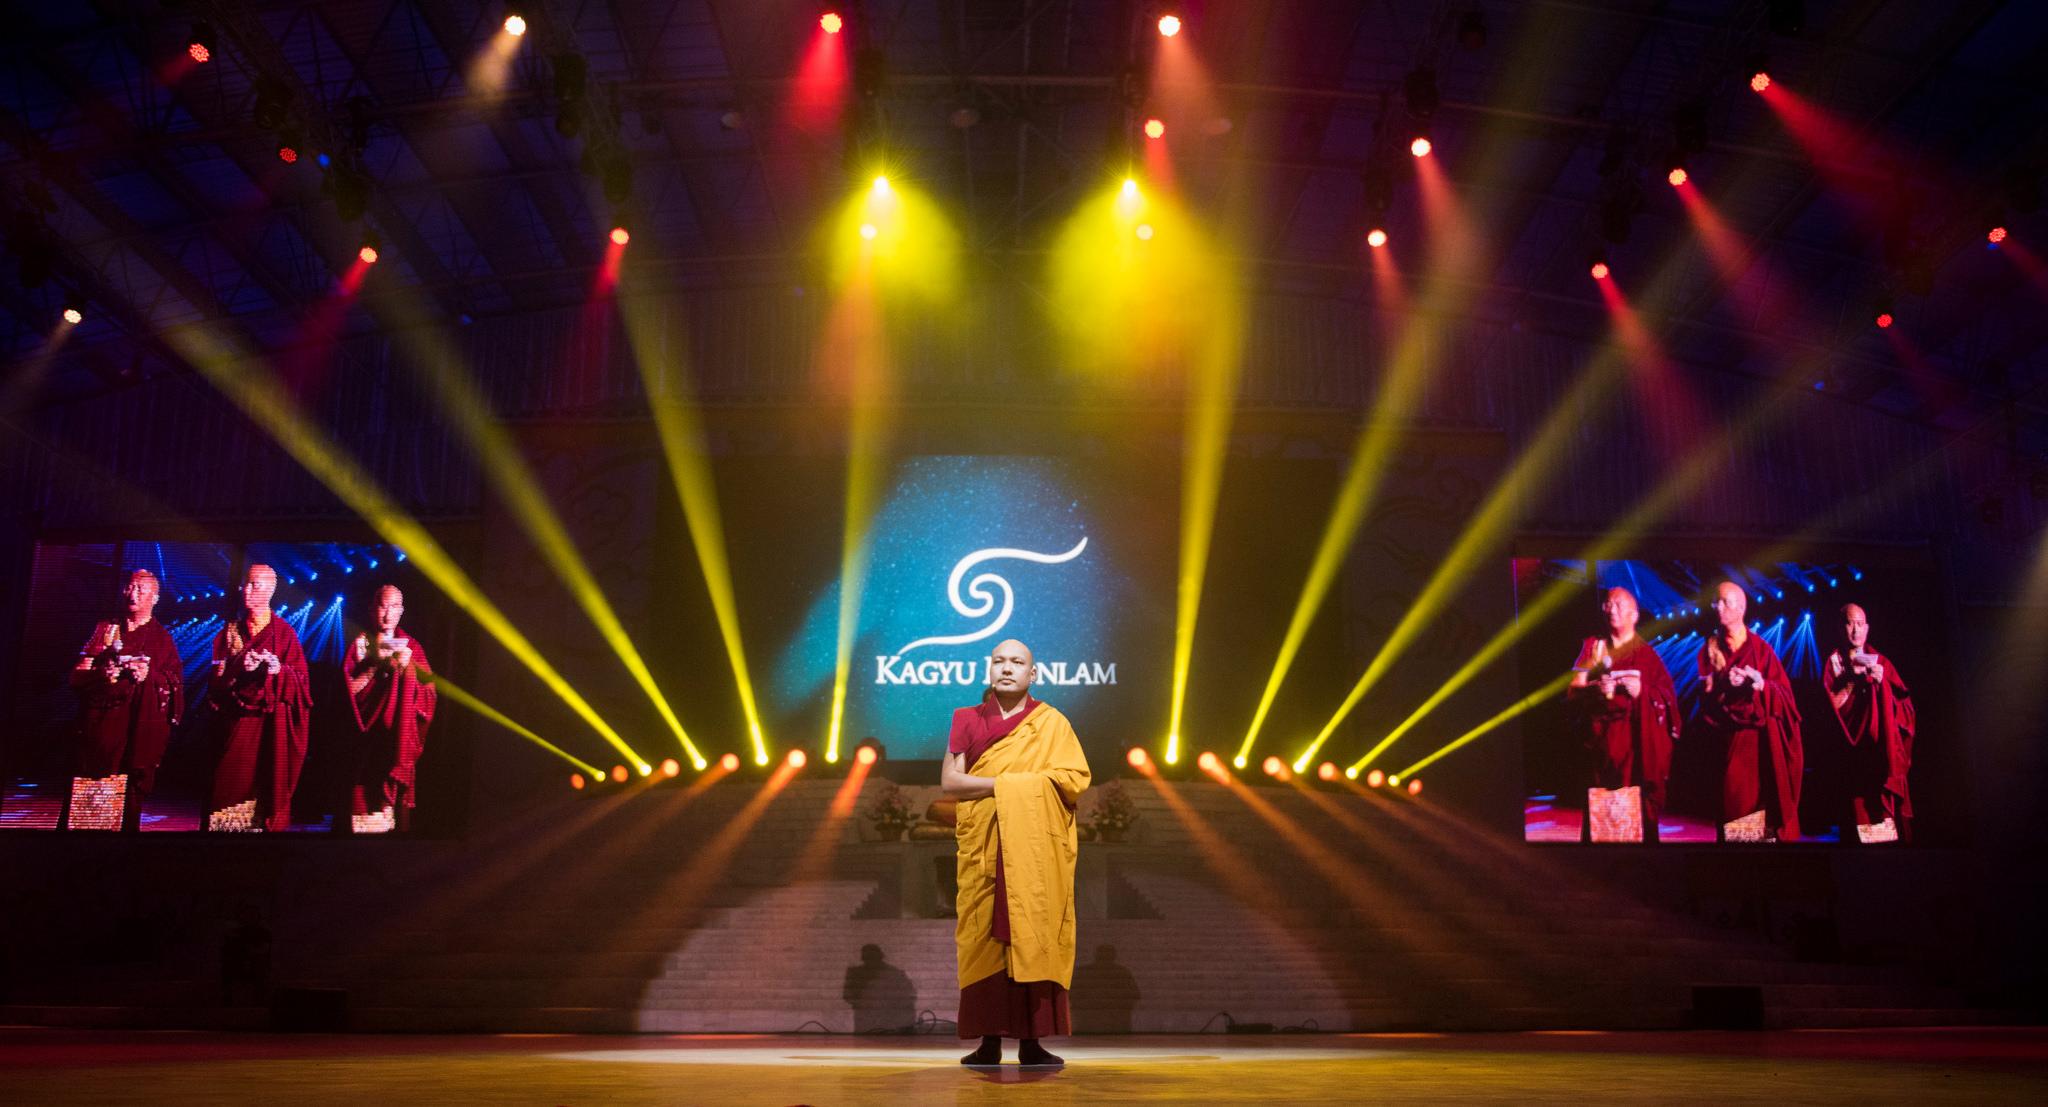 Karmapa monlam